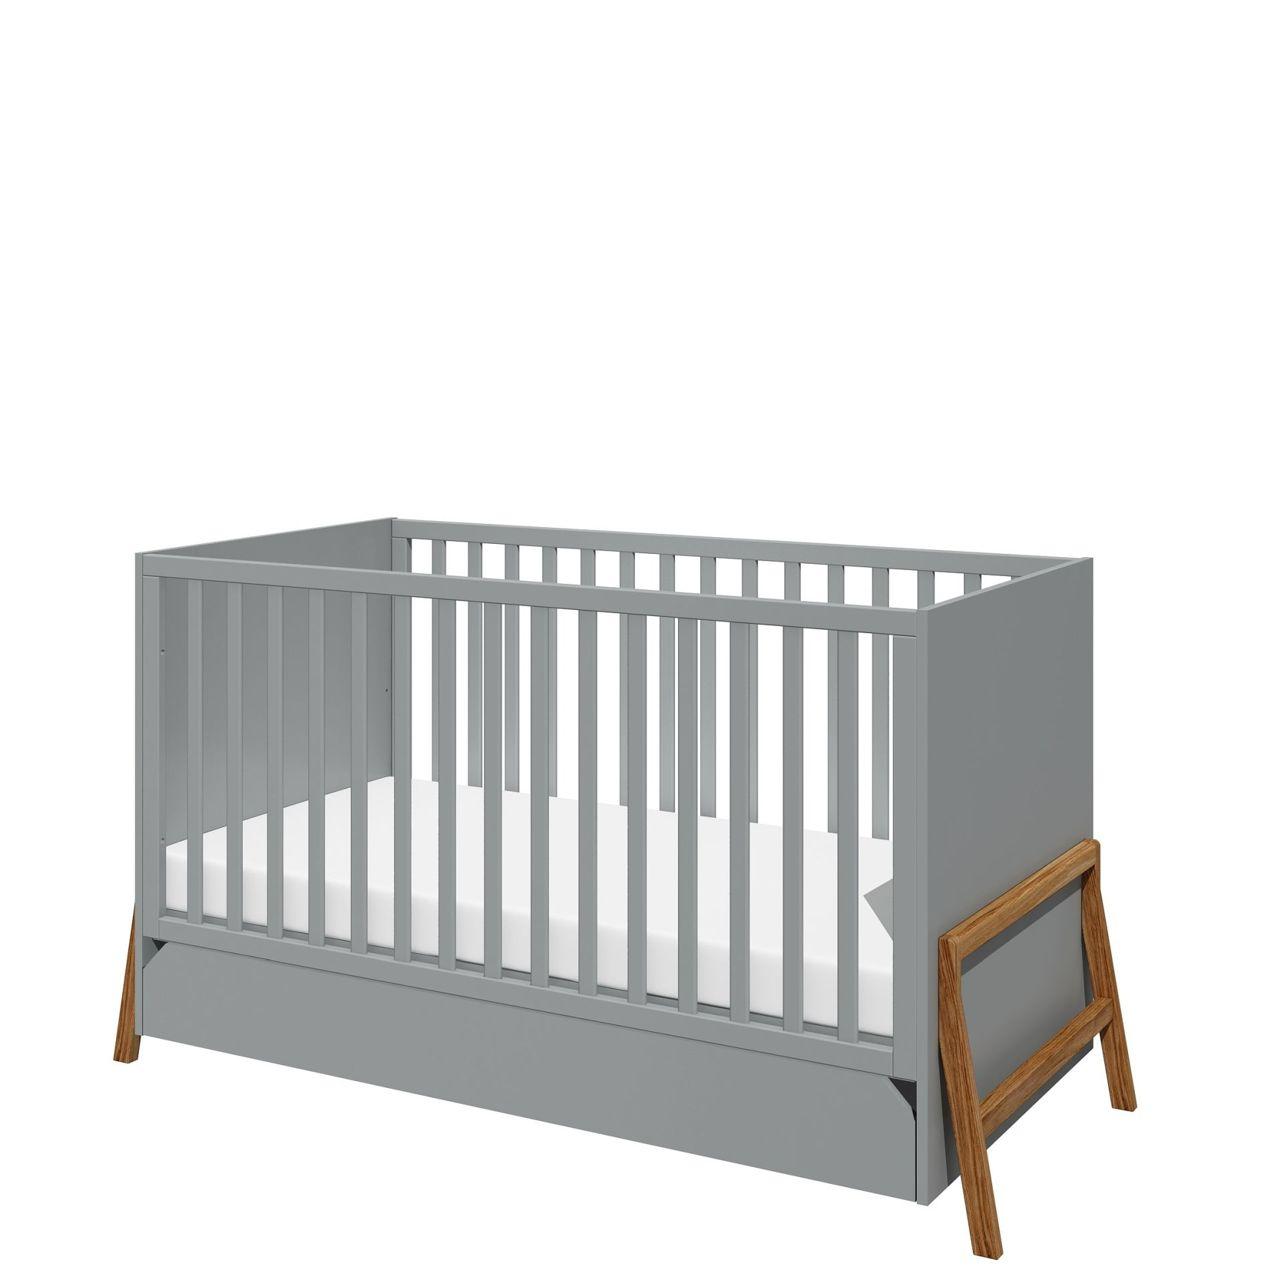 Full Size of Babybett Schwarz Mitwachsend 70x140 Grau Marta Online Furnart Schwarze Küche Bett 180x200 Schwarzes Weiß Wohnzimmer Babybett Schwarz